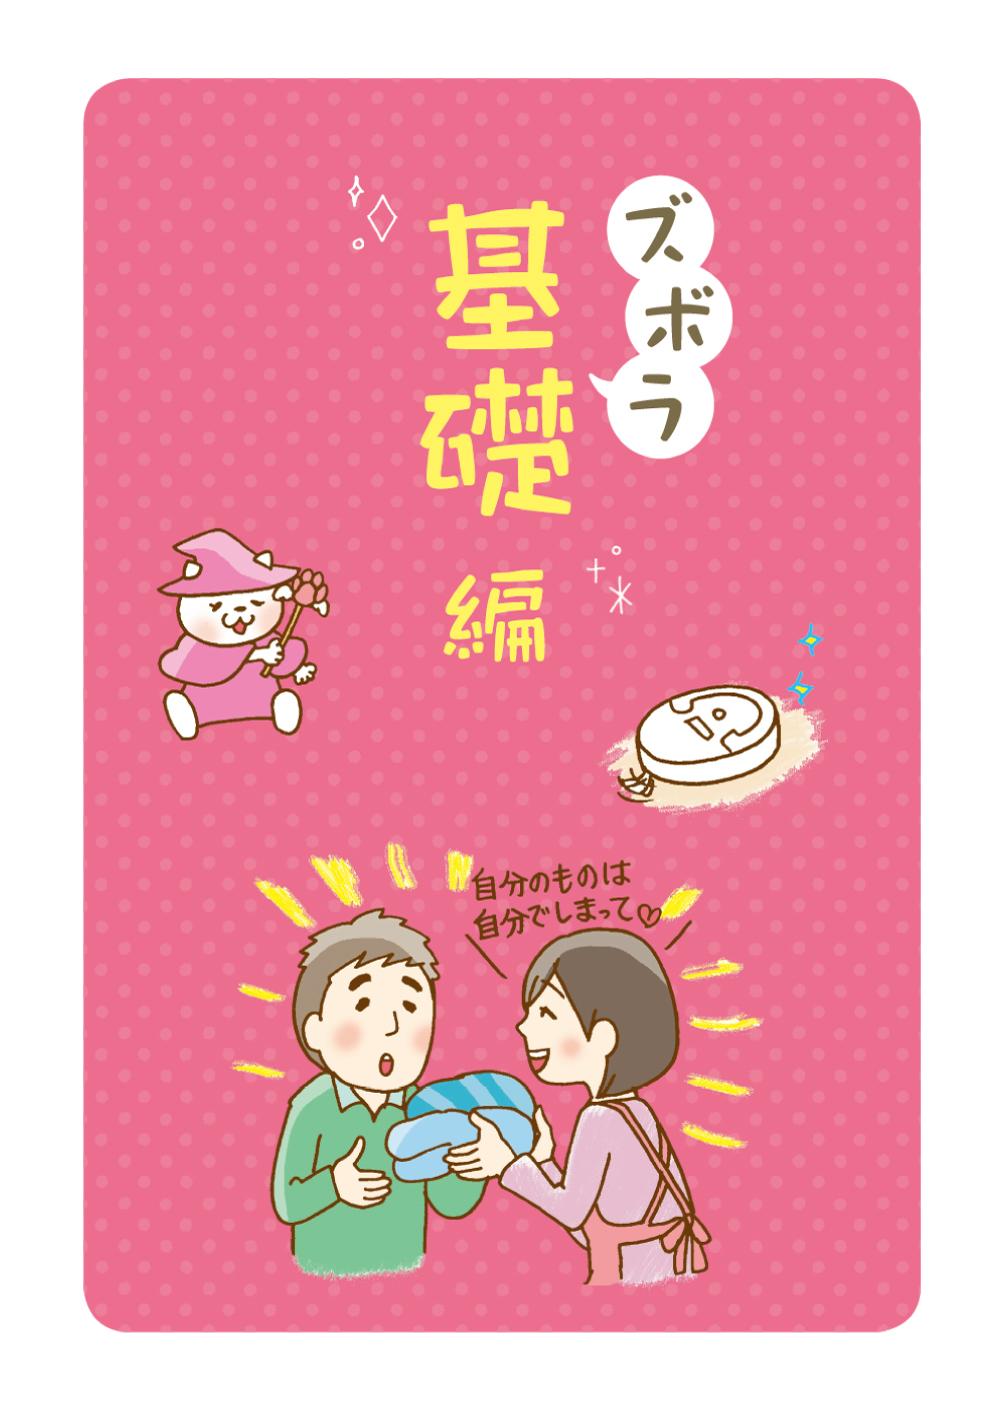 【家事】あな吉さんの家事をやめても愛されるズボラ主婦革命の画像3